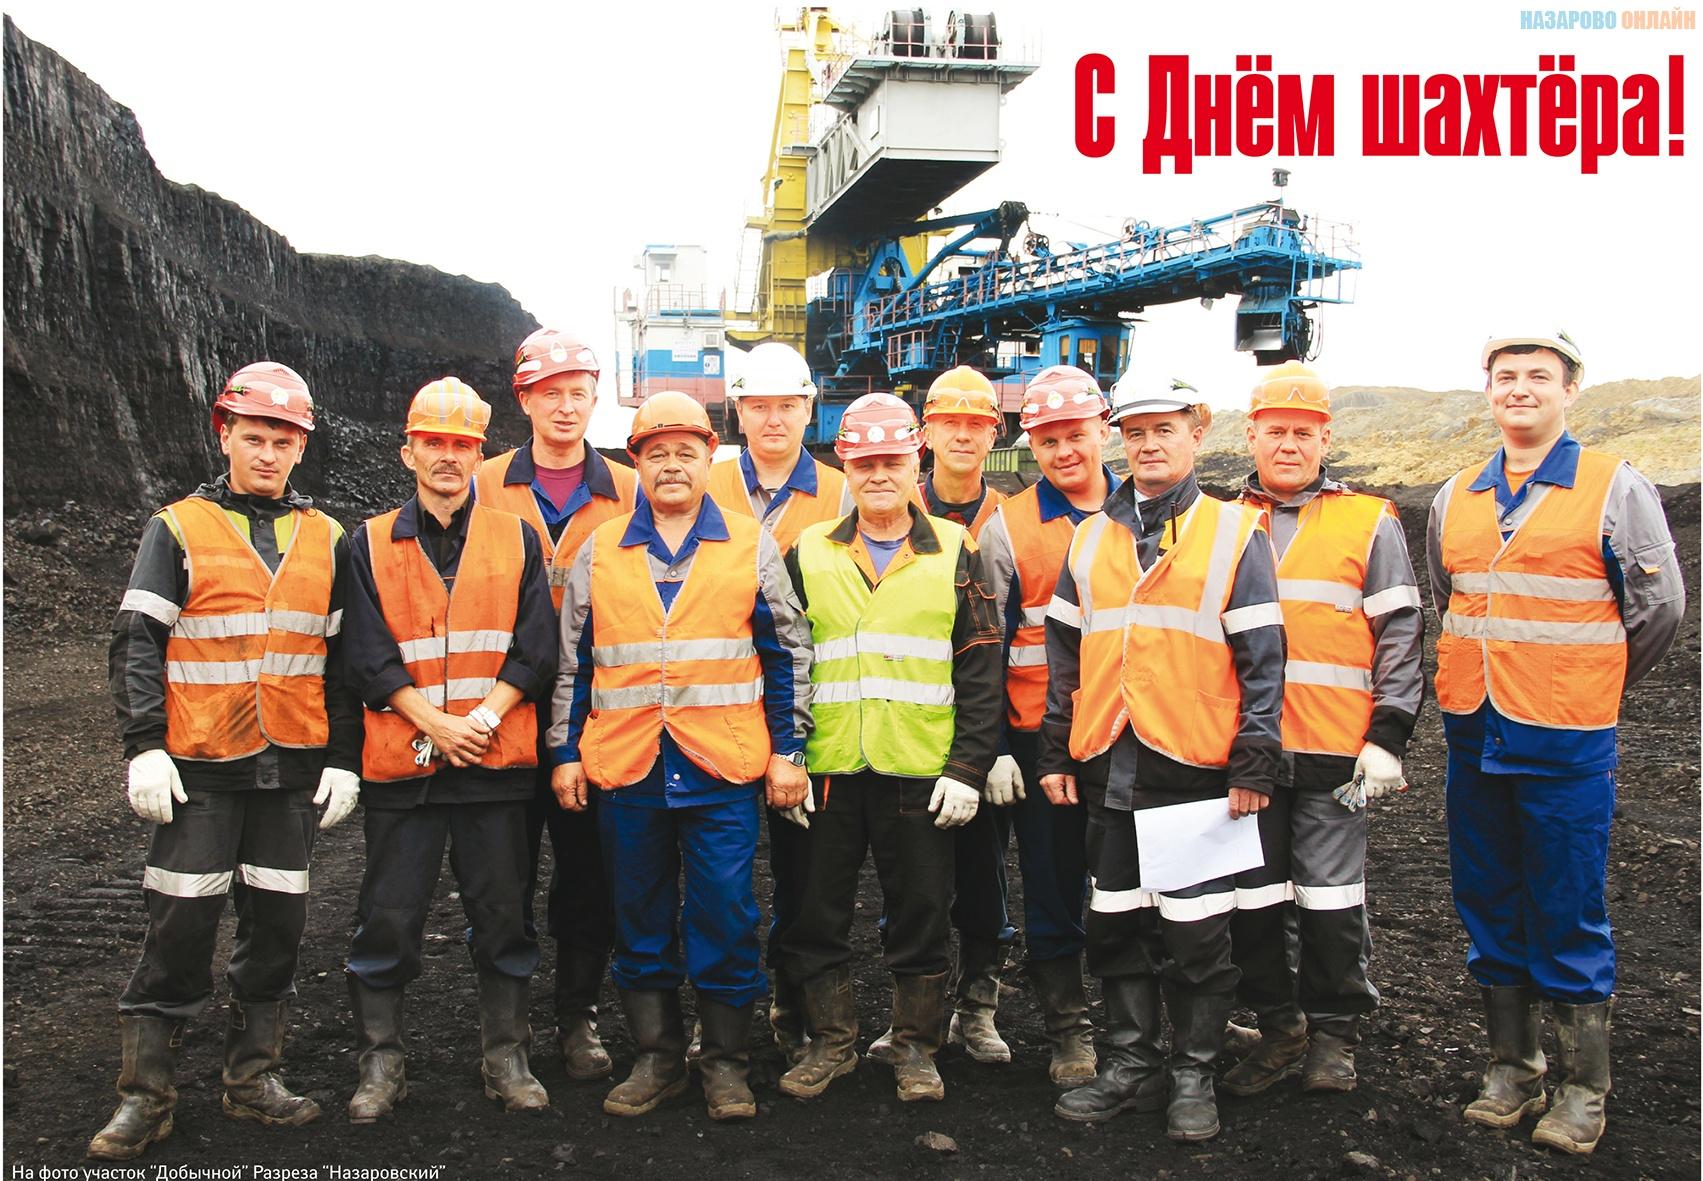 Фото шахтёров поздравление к дню шахтёра